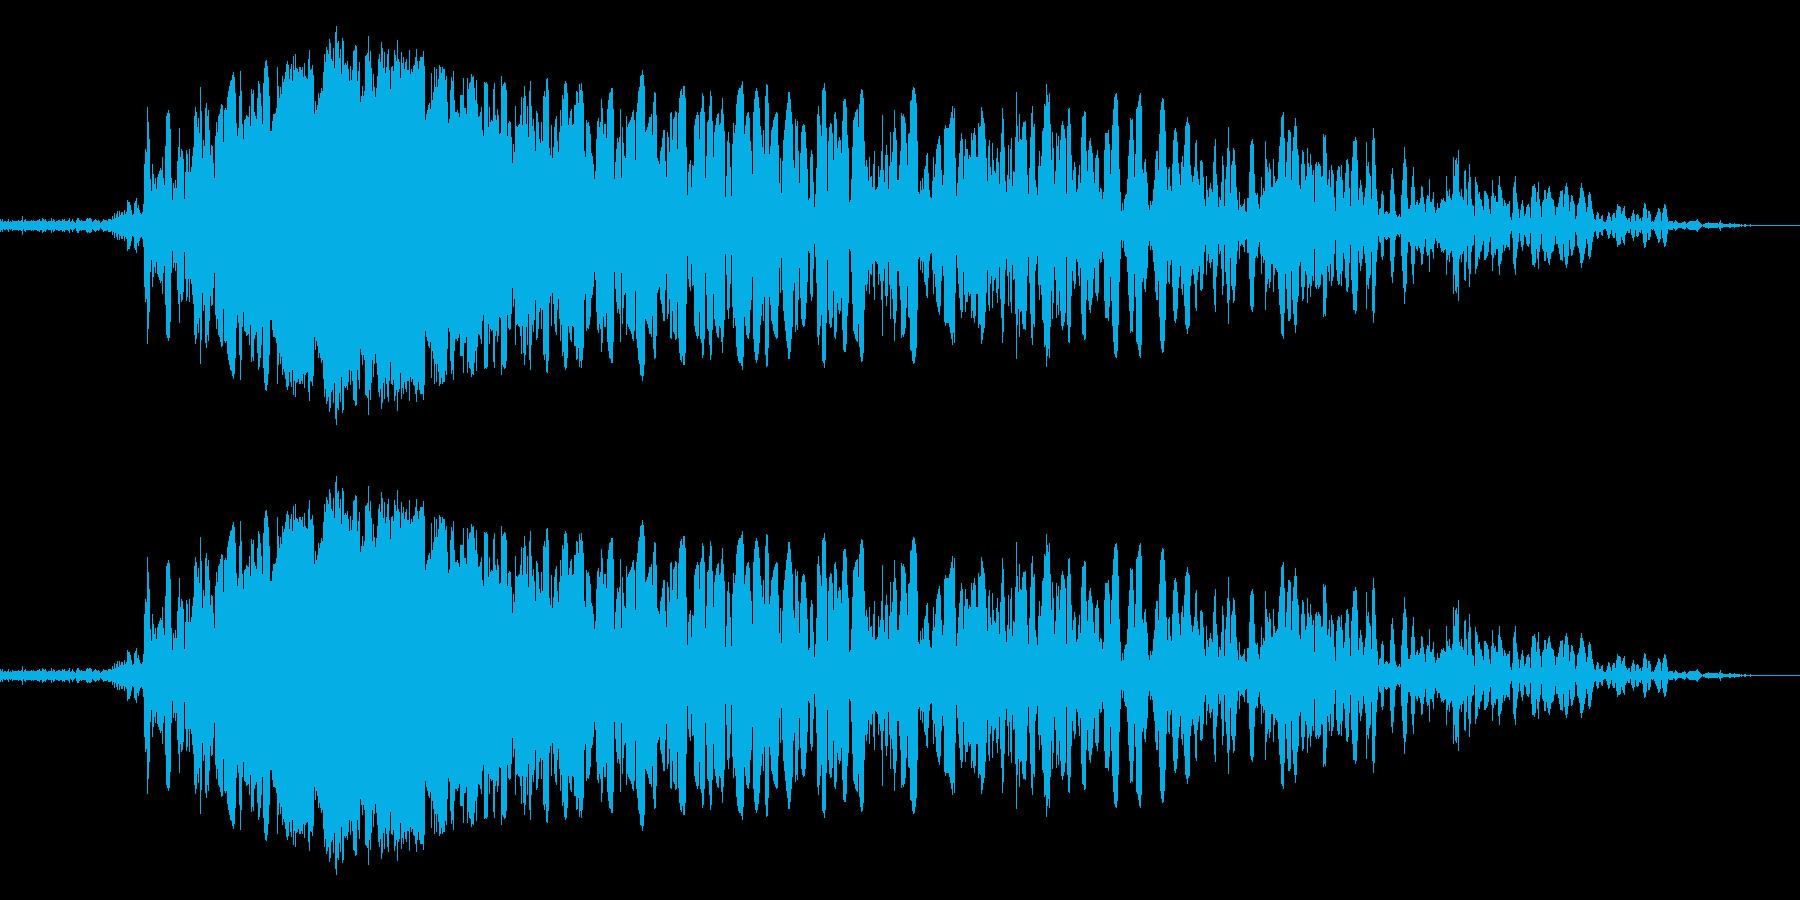 ボォォ!炎の音1の再生済みの波形